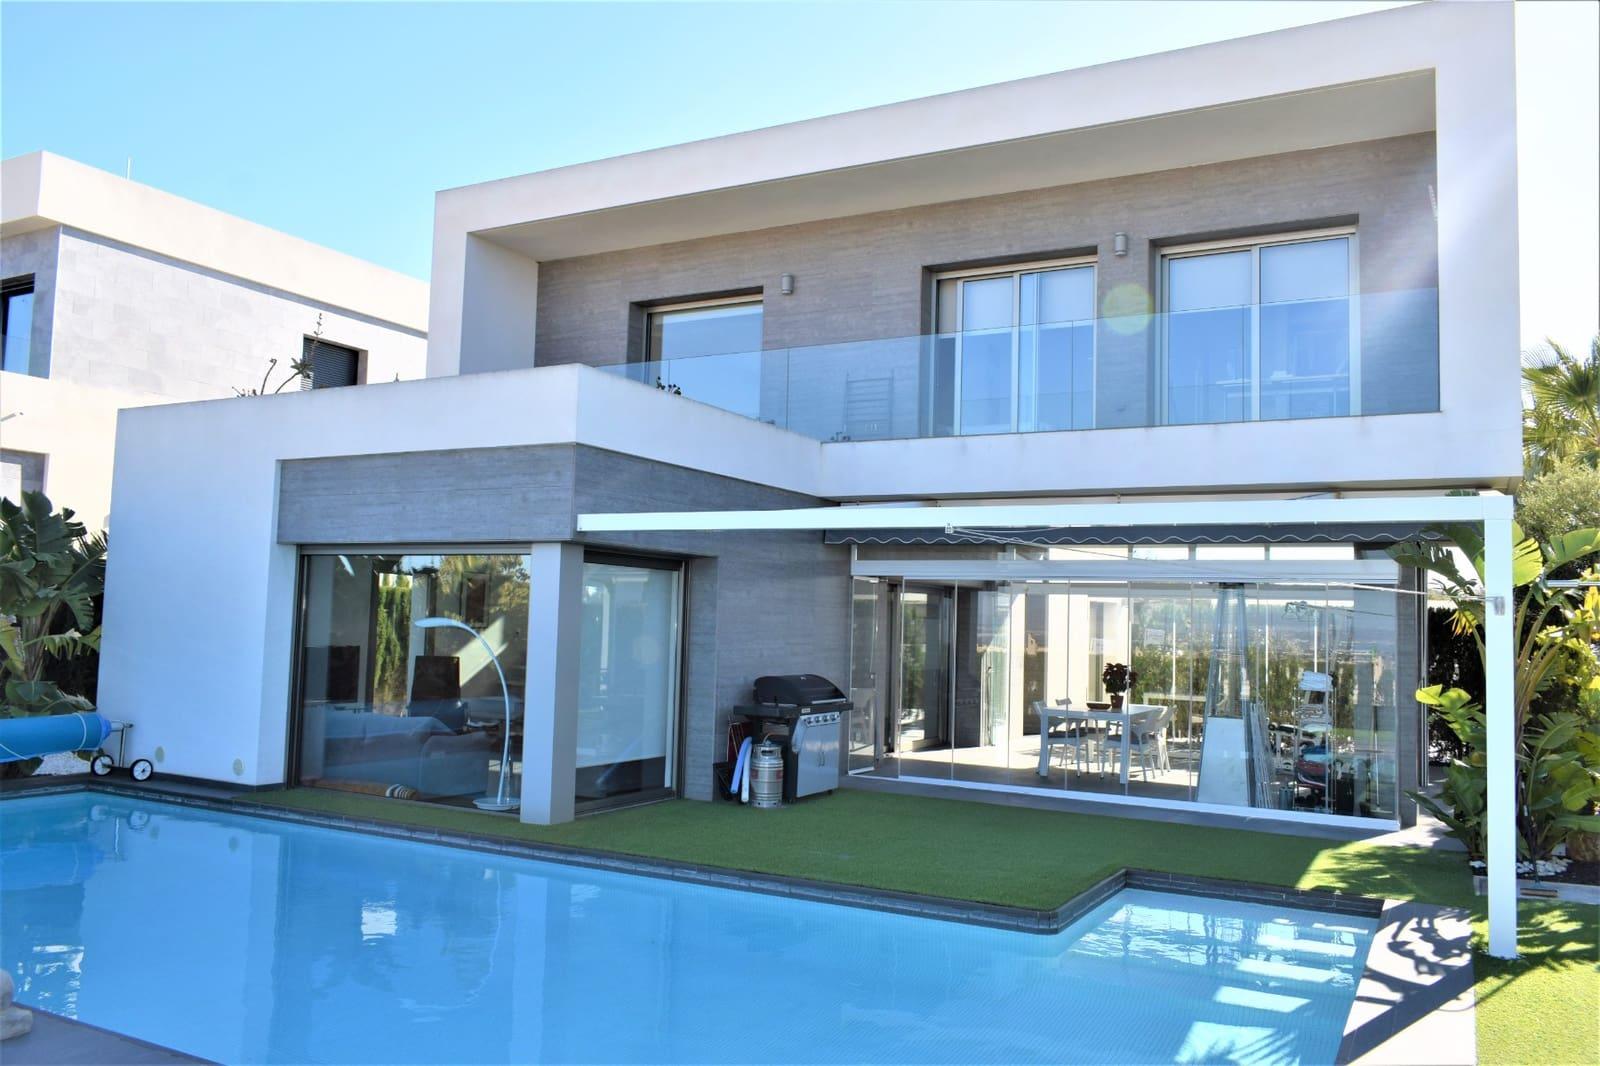 Chalet de 3 habitaciones en Benijófar en venta con piscina - 449.000 € (Ref: 5036470)